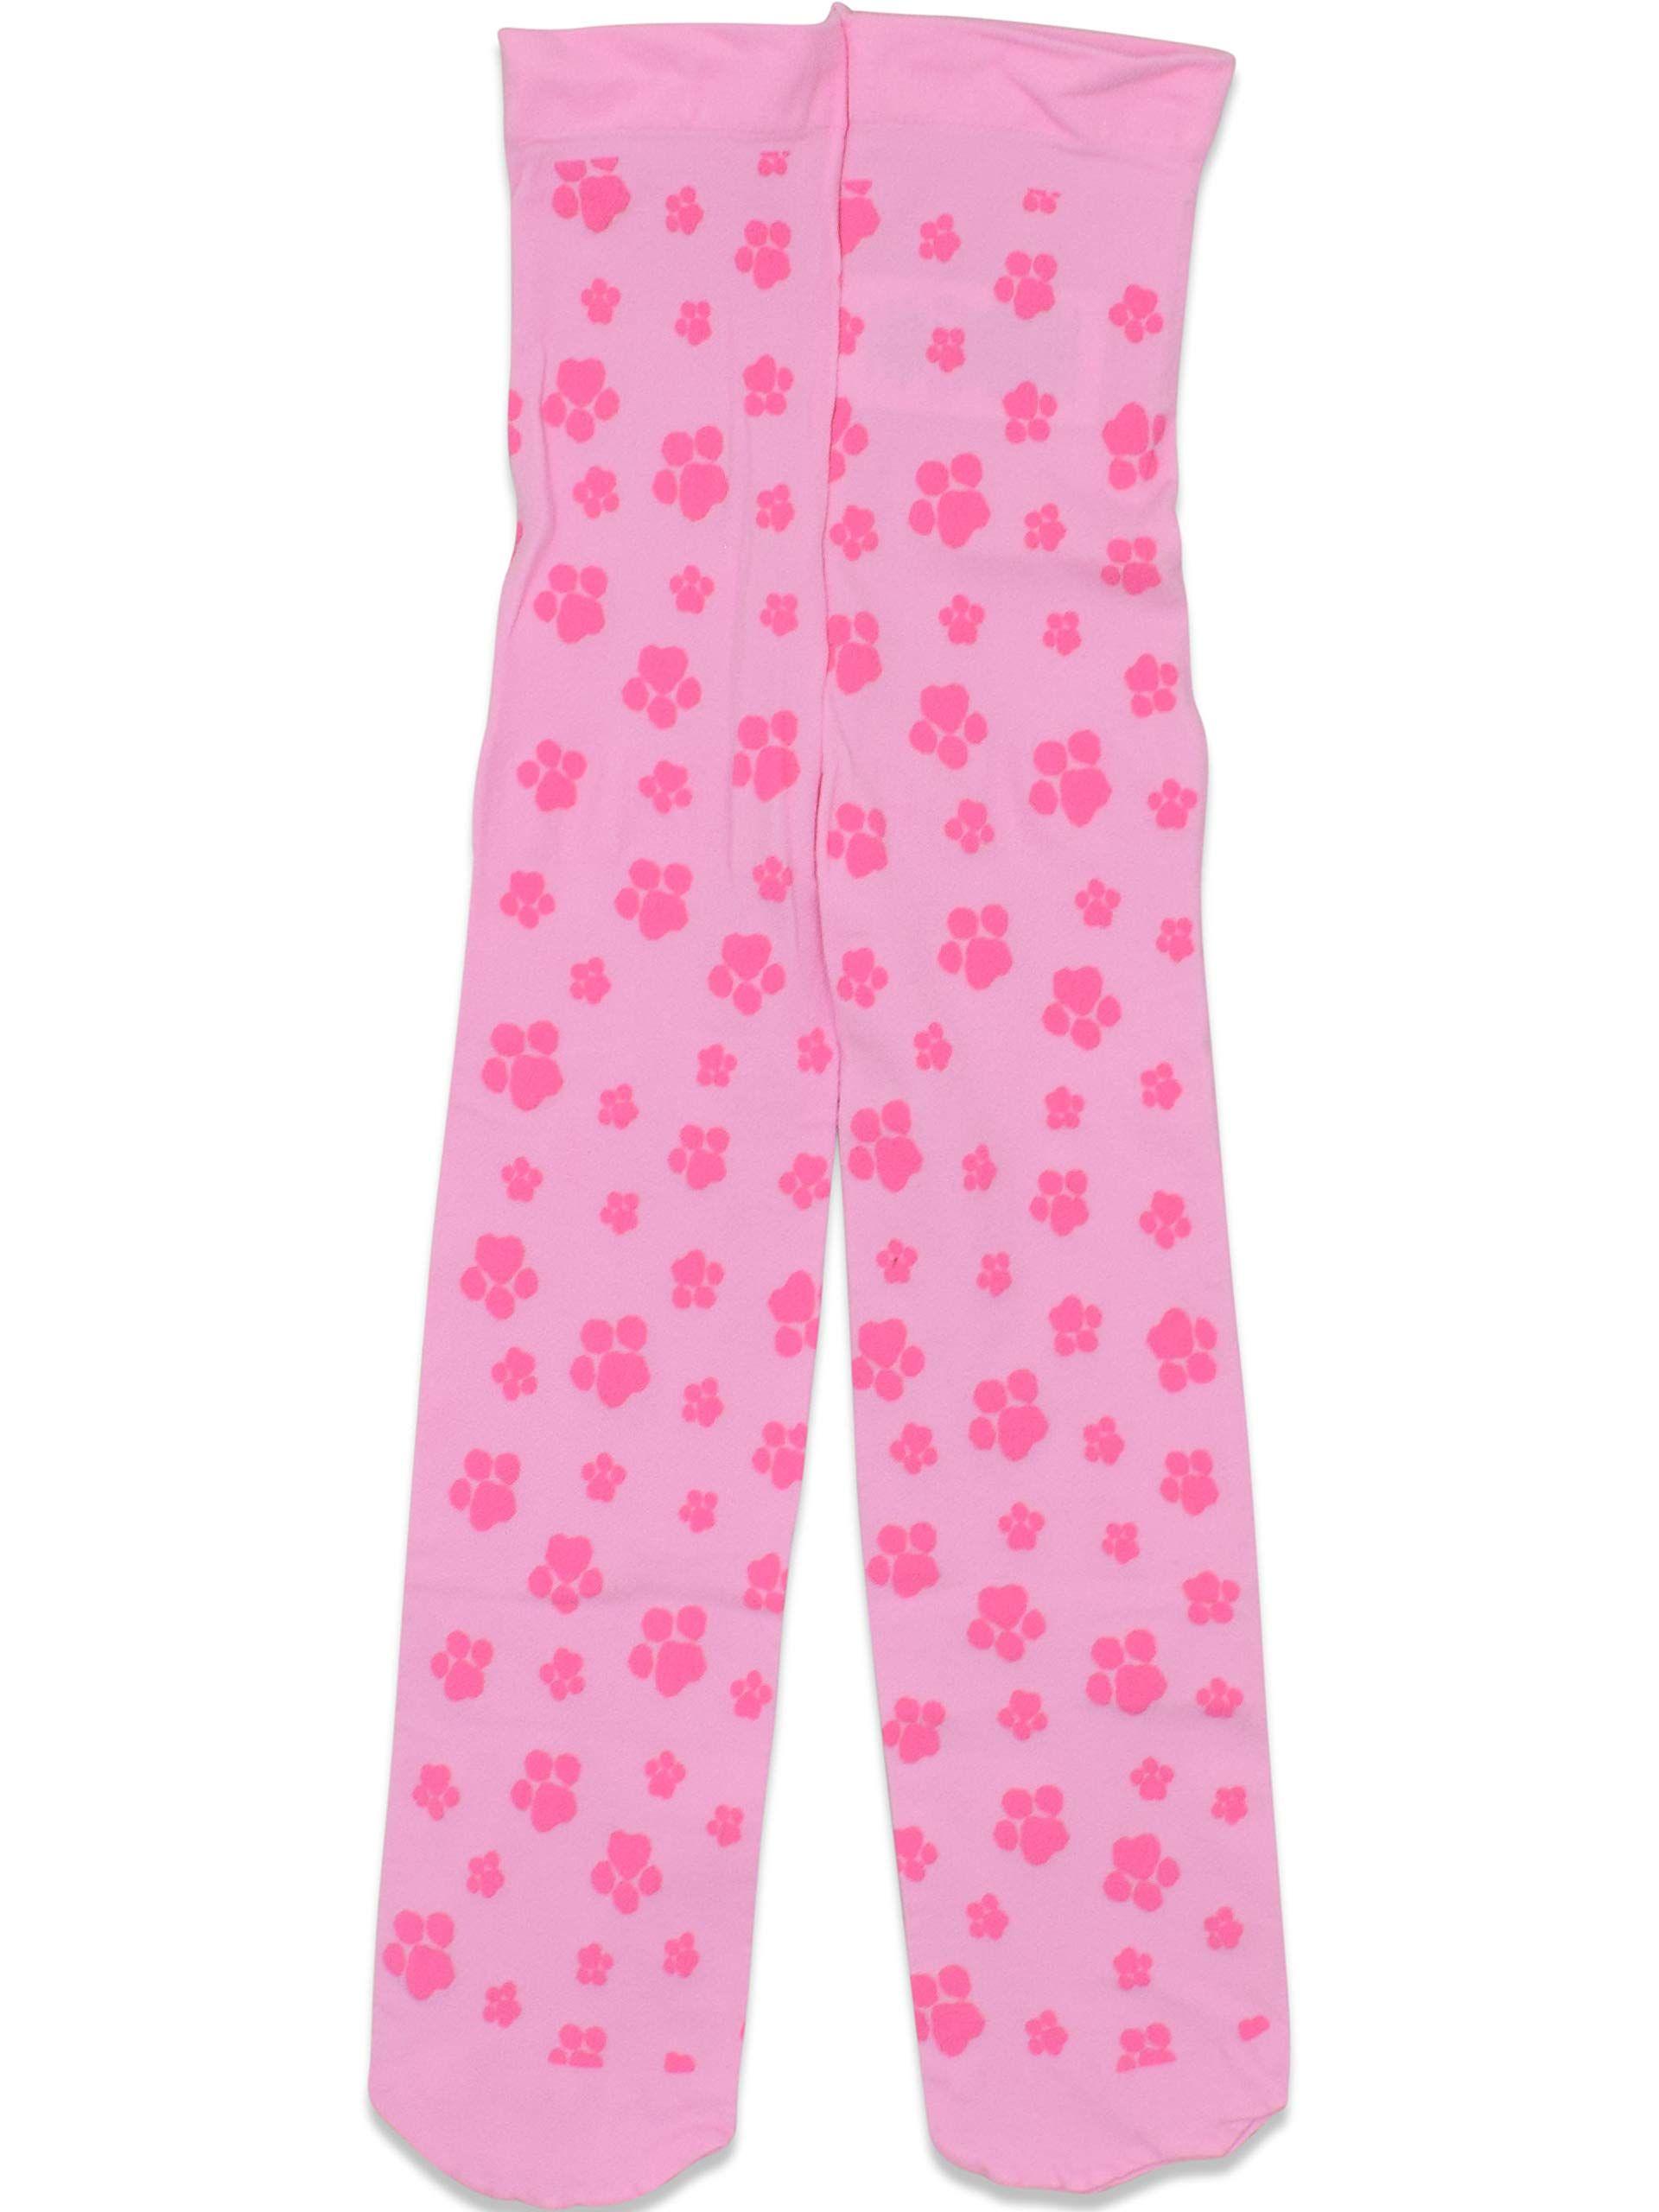 Nickelodeon Paw Patrol Skye Girls/' Hooded Costume Dress /& Leggings Set